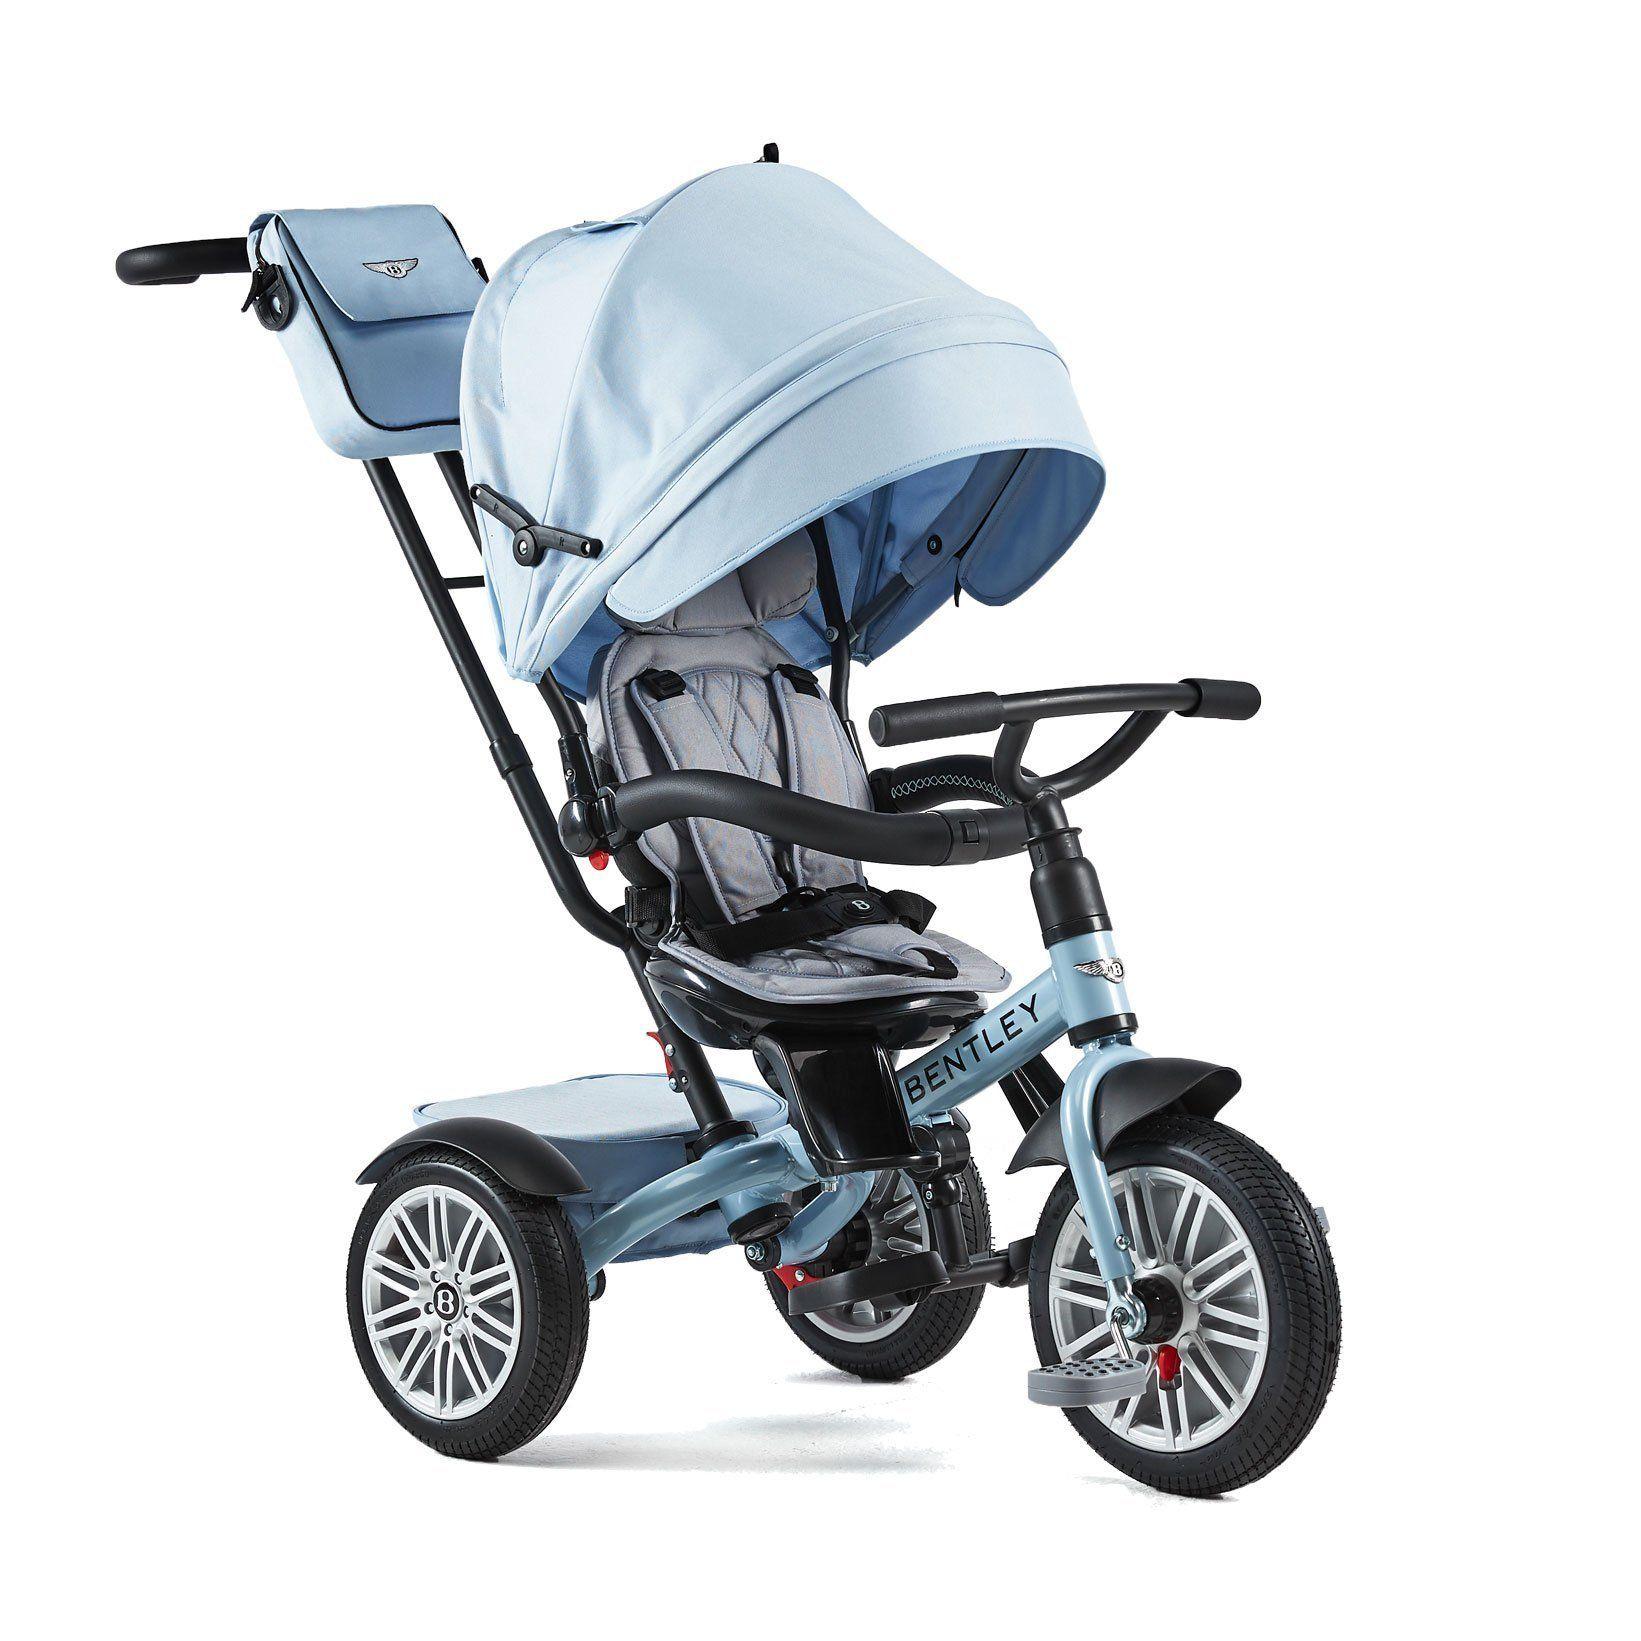 Jetstream Blue Bentley 6in1 Stroller Trike Kids trike